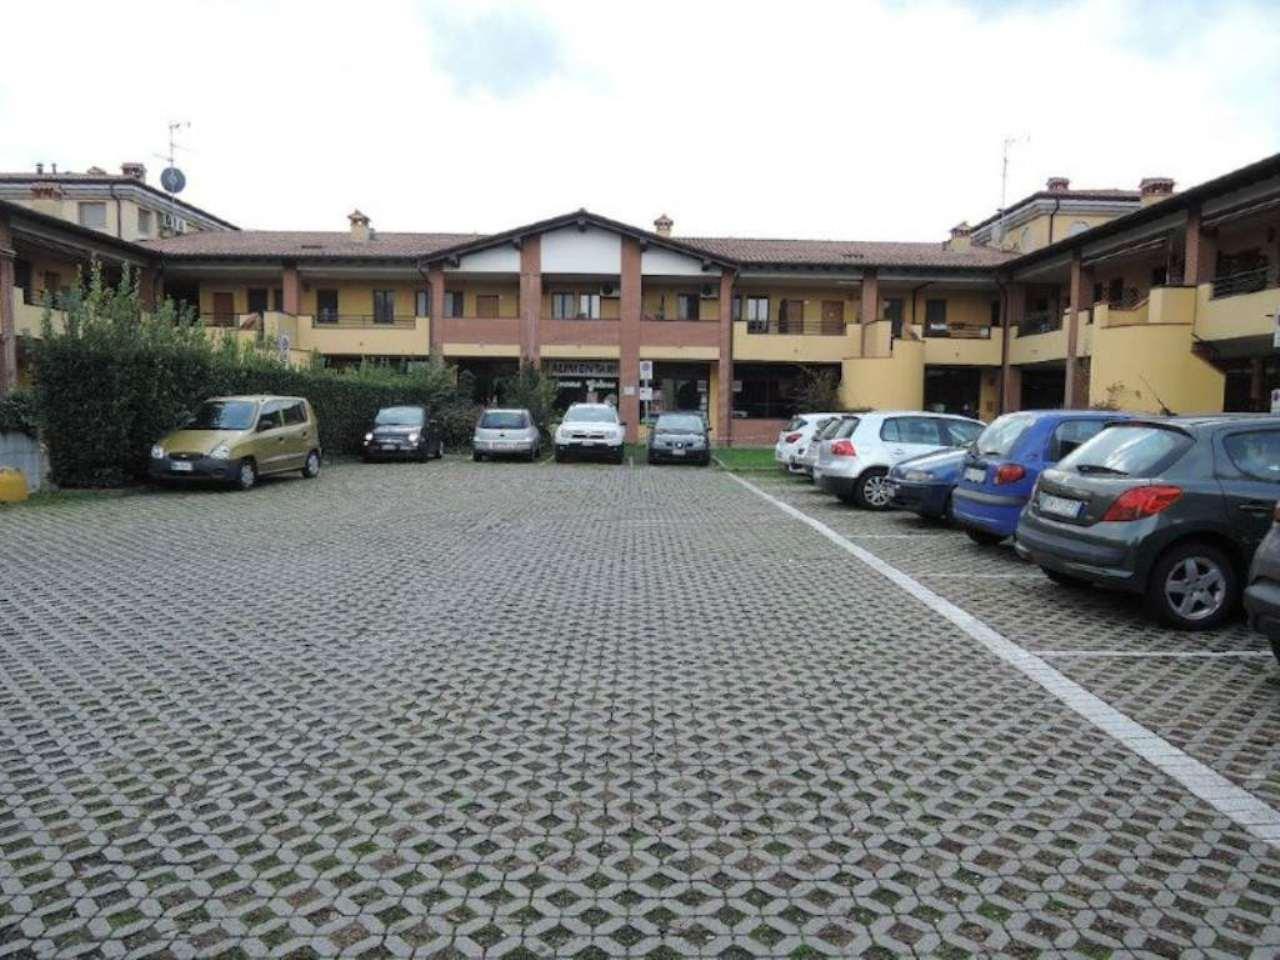 Negozio / Locale in affitto a Bagnolo Mella, 1 locali, prezzo € 550 | Cambio Casa.it